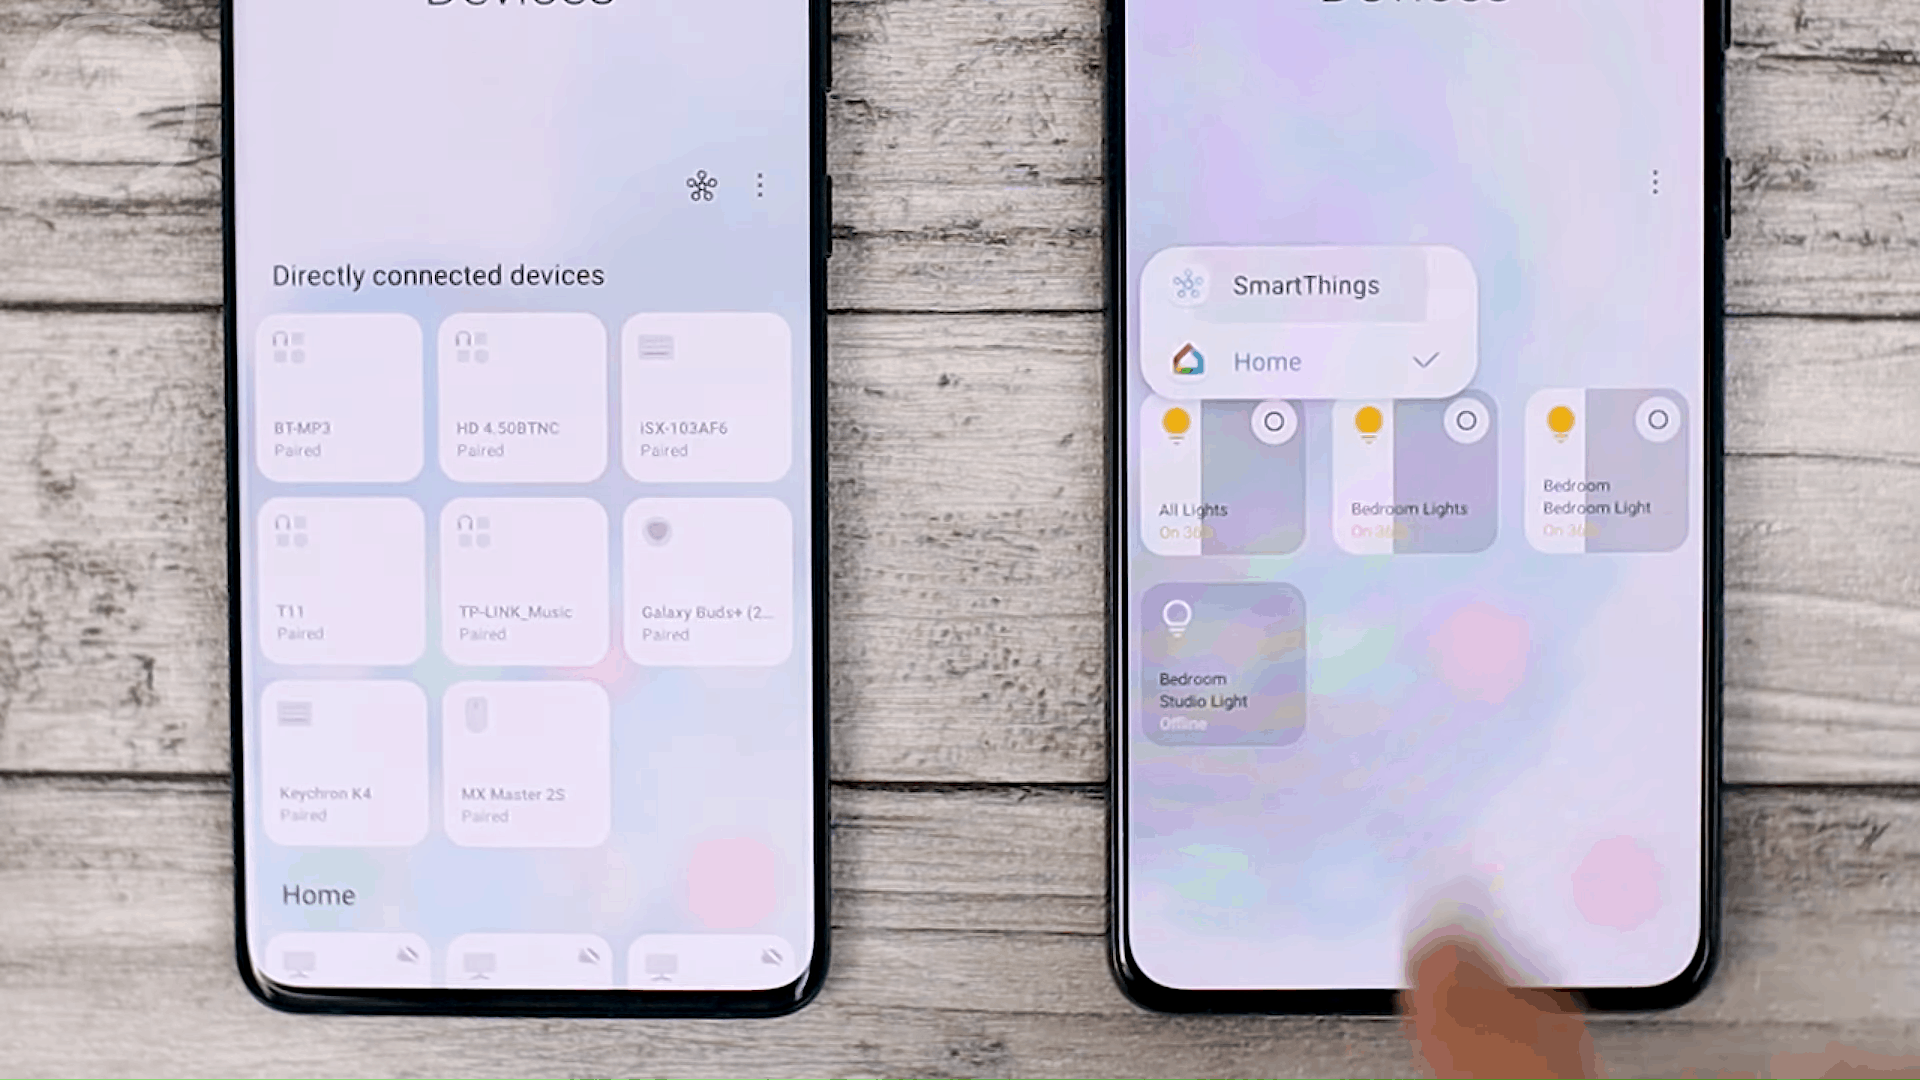 Google Home - Cek Fitur Terbaru One UI 3.1 di Samsung S21+ yang Belum Tersedia di One UI 3.0 Samsung S20+ (PART 2)